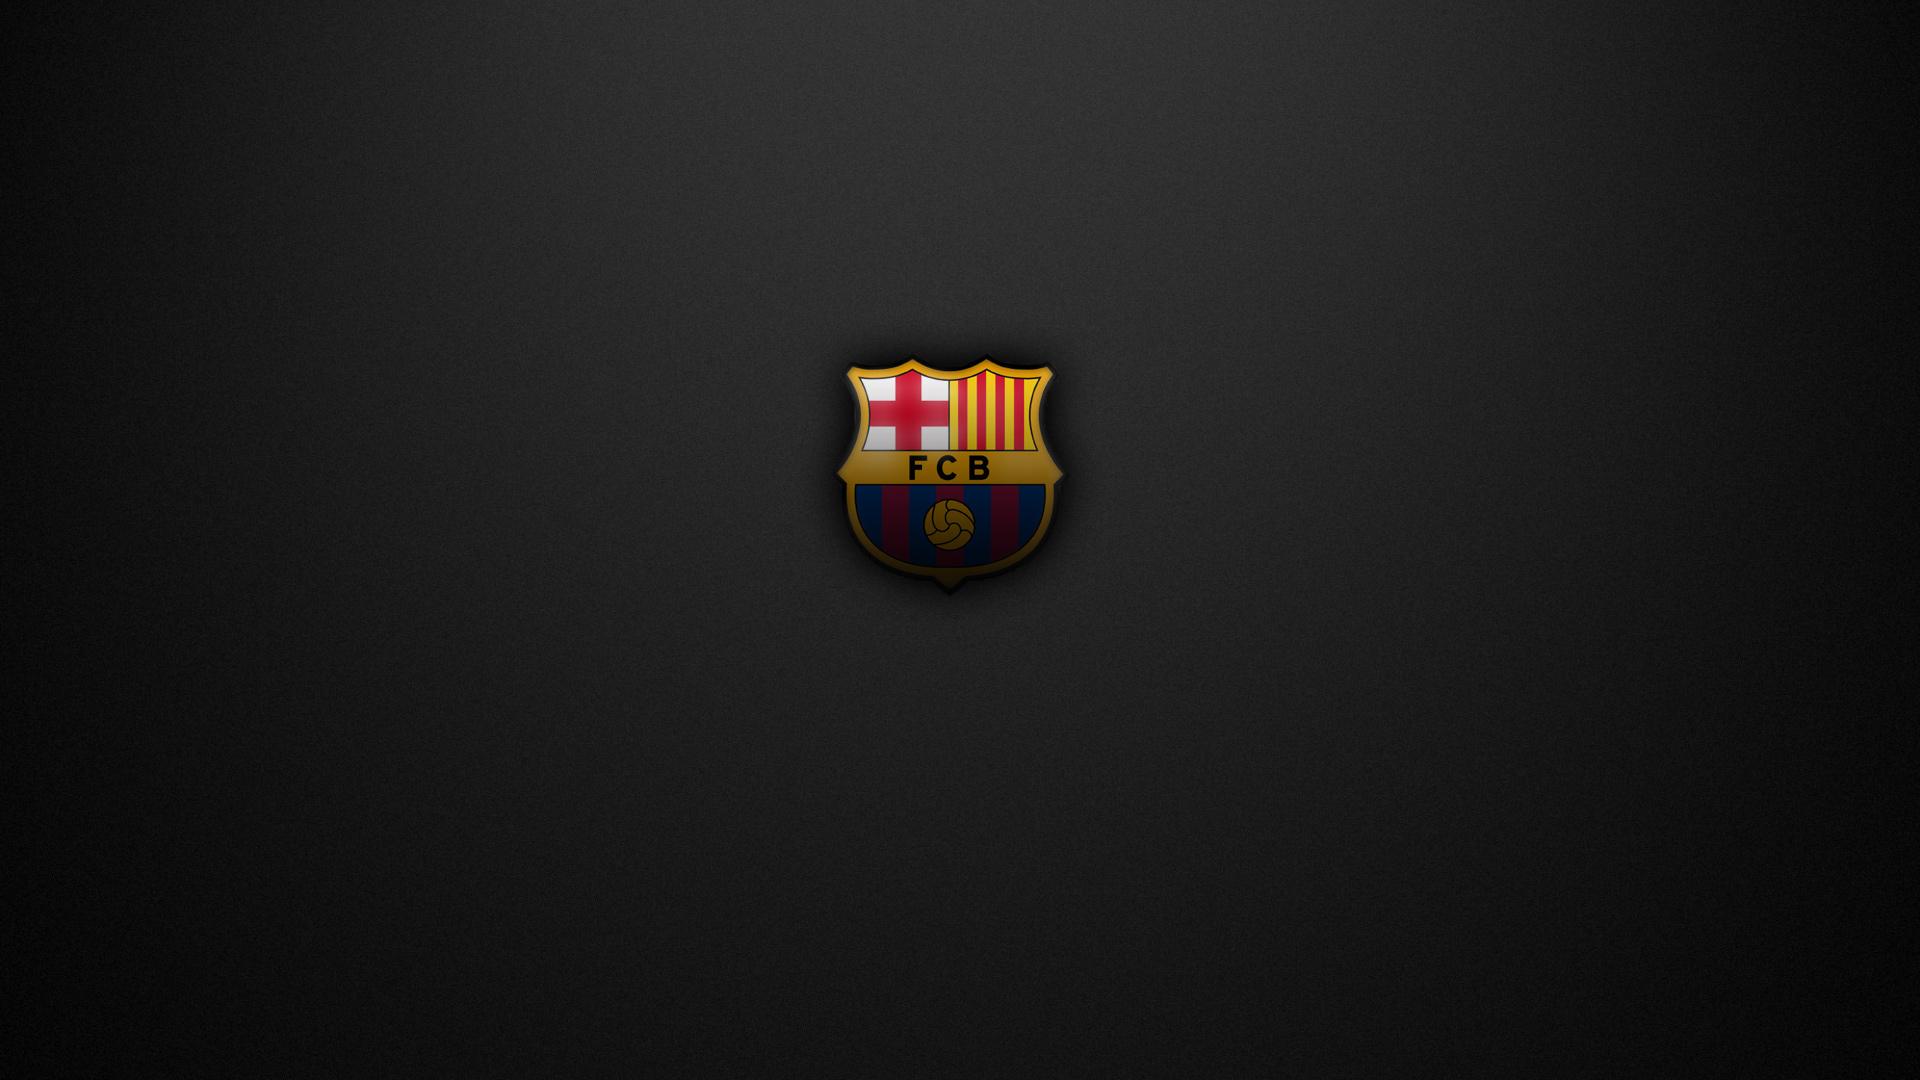 Эмблема цска футбольный клуб фото 5